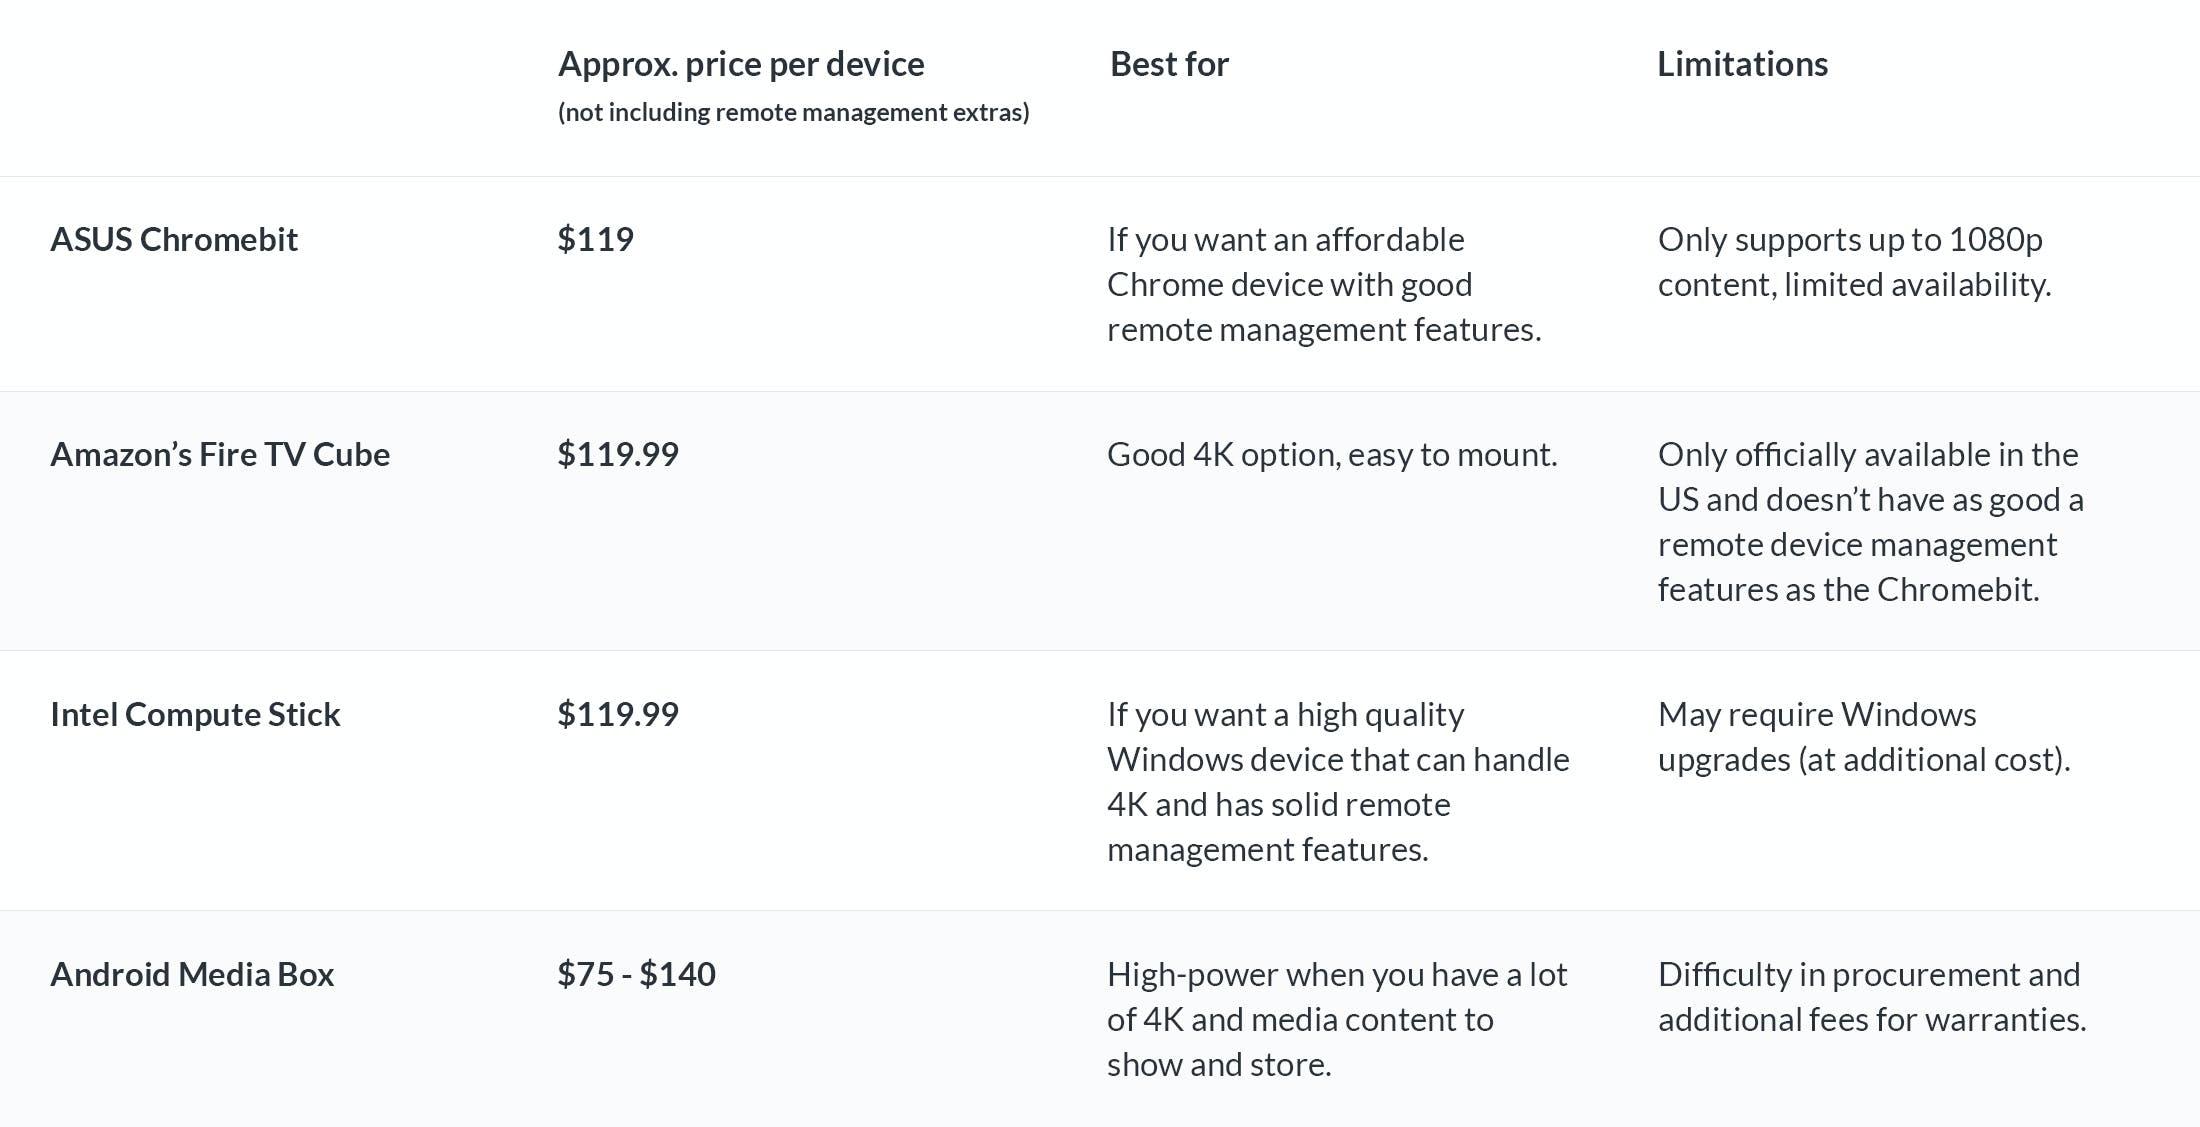 Mid-range devices comparison table